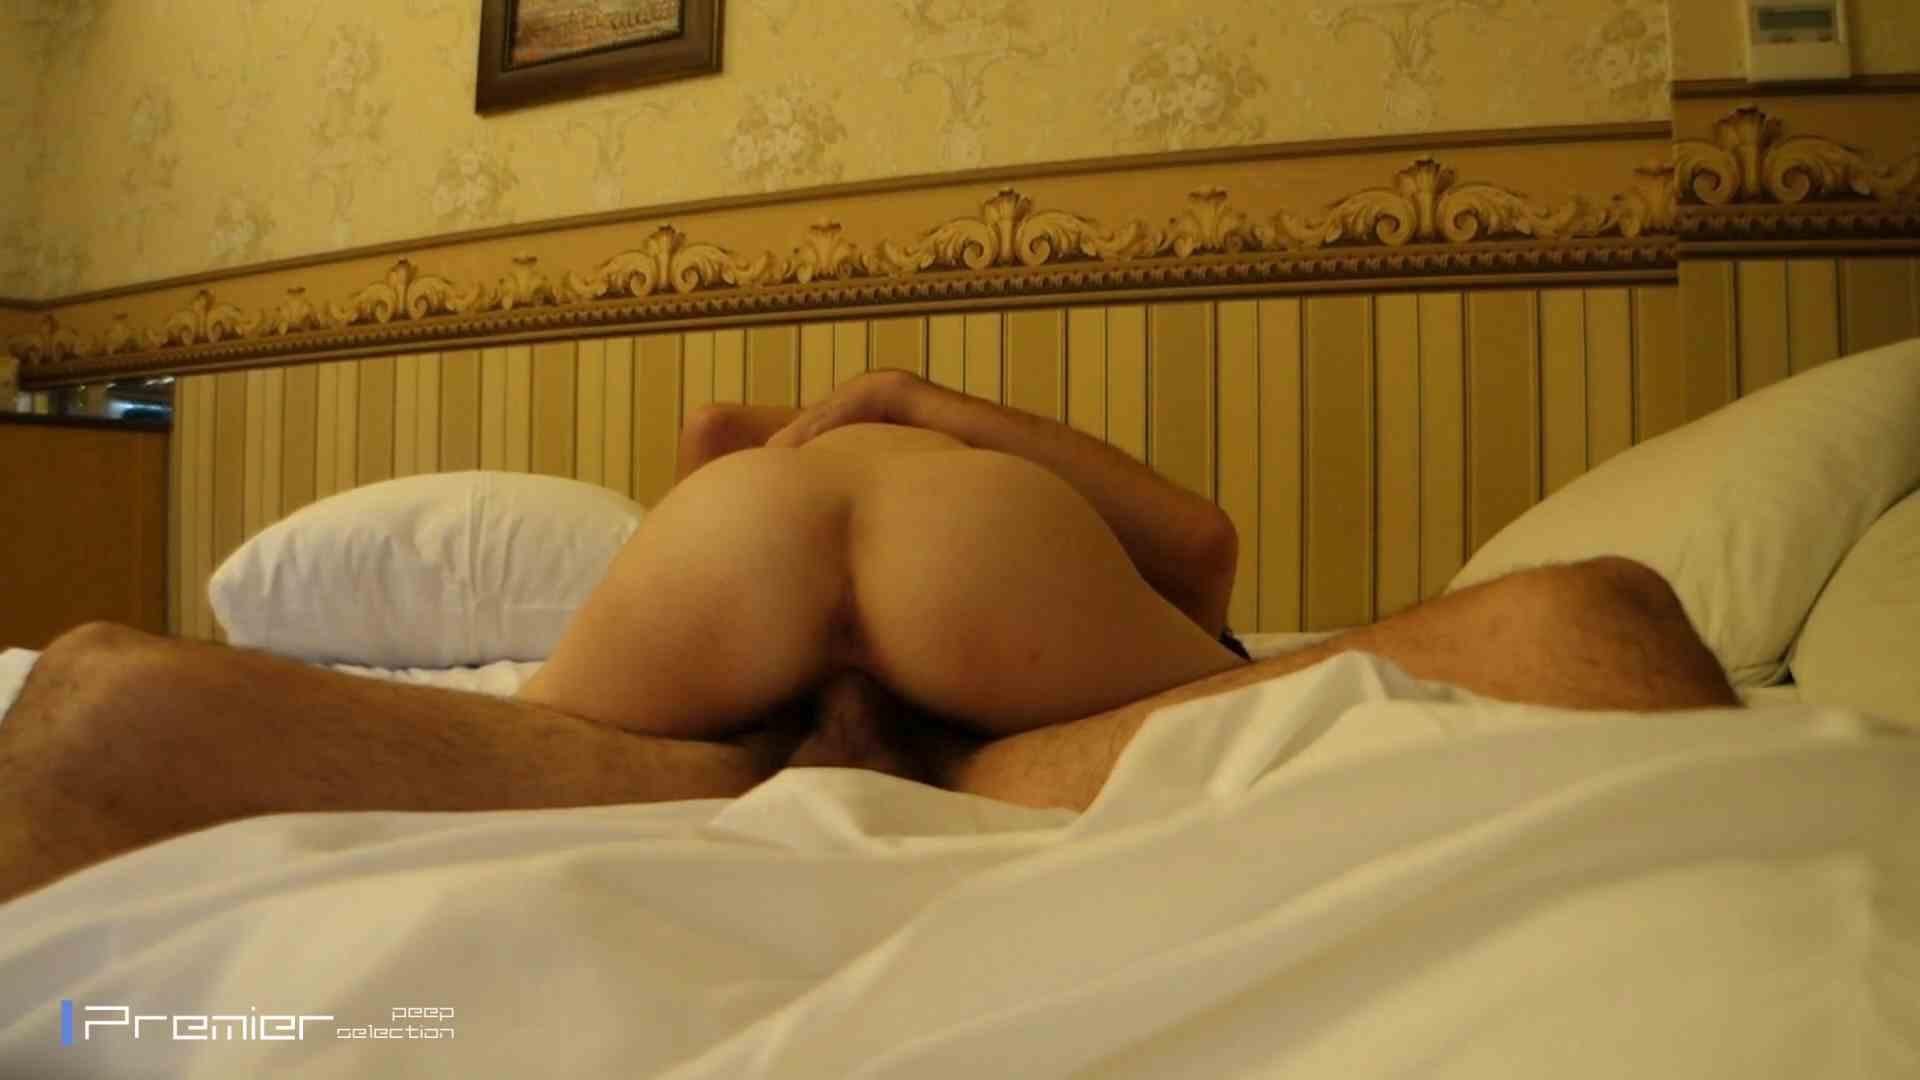 美女達の私生活に潜入!【ガチ交渉】ありさ★19歳の清楚であどけない身体を堪能 テクニック ヌード画像 78連発 78